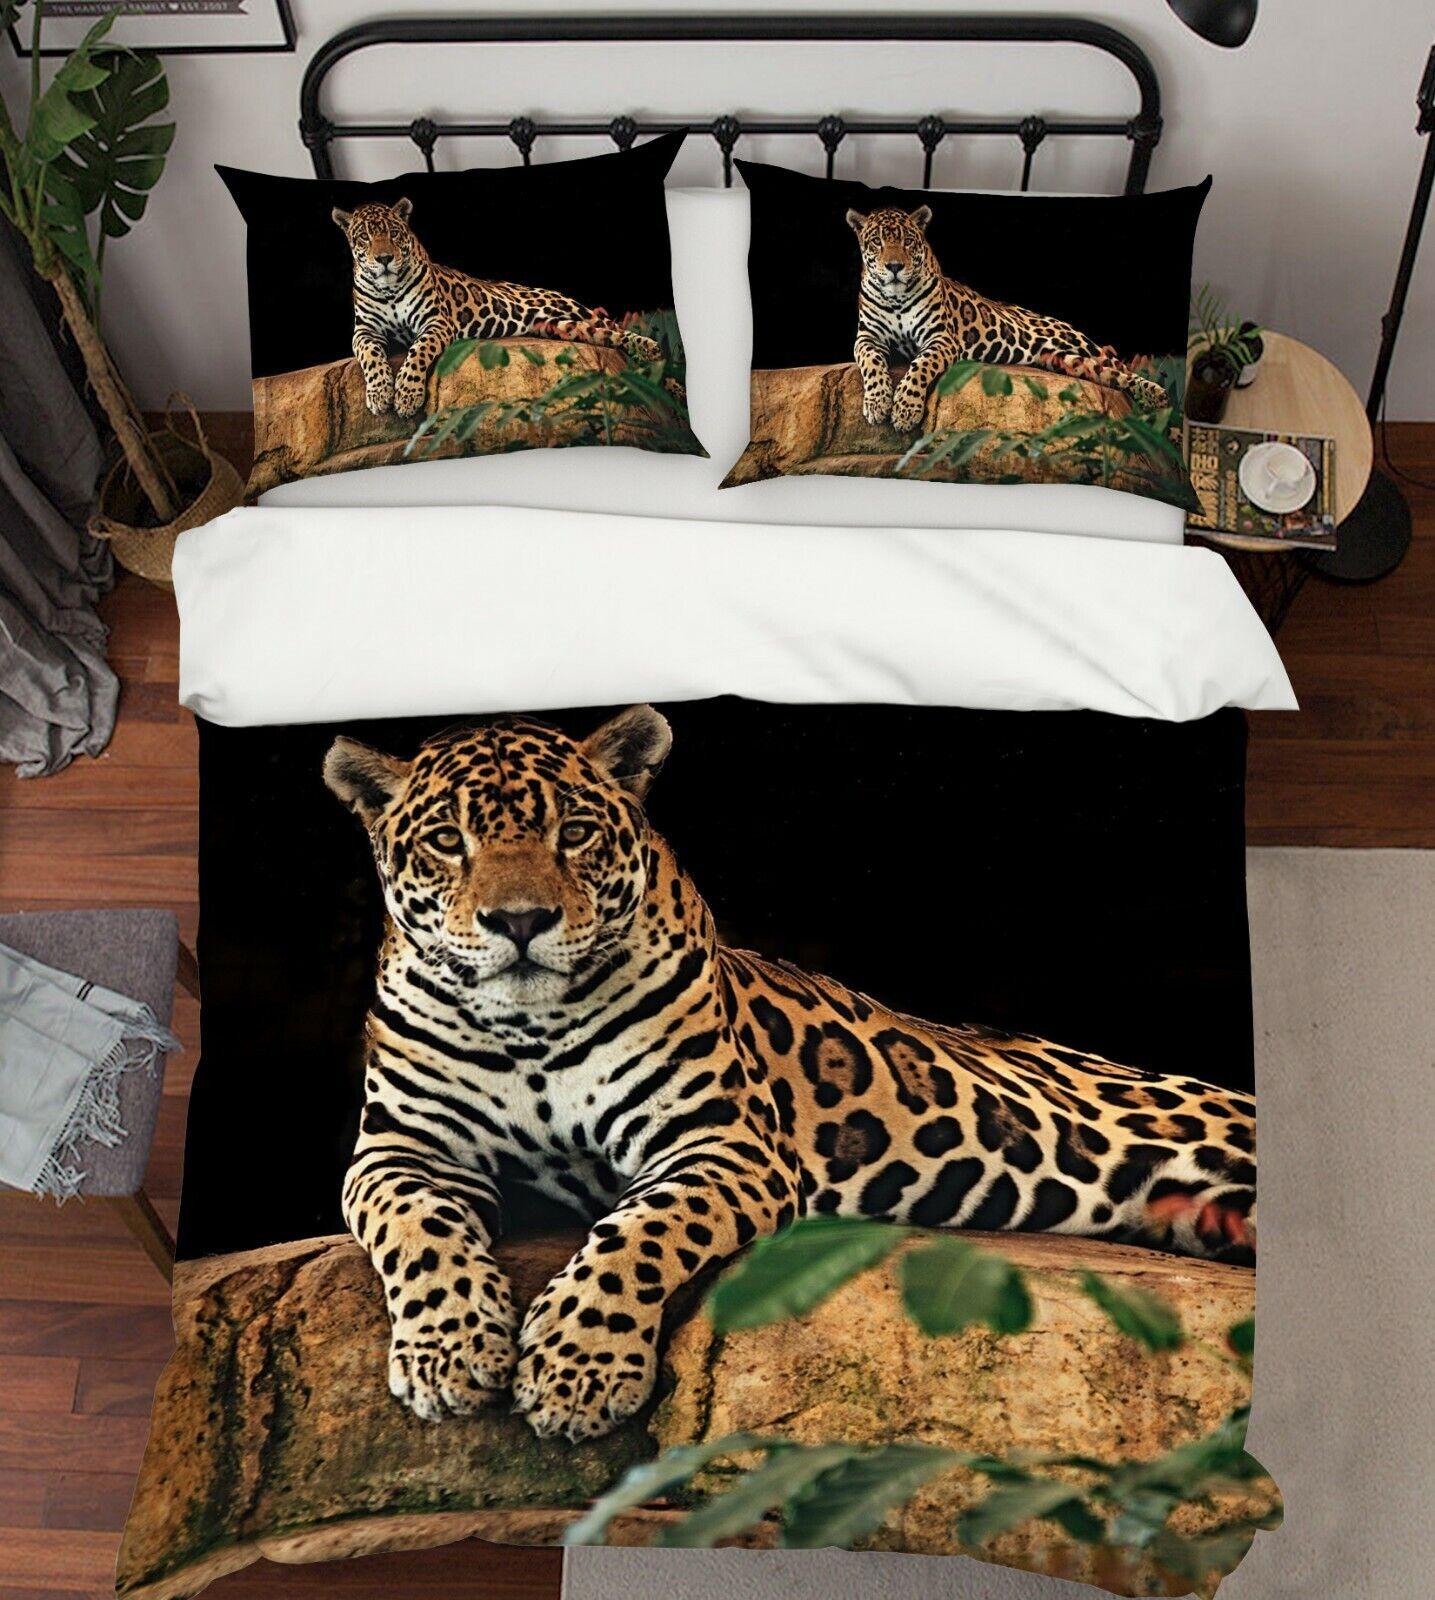 3D Jaguar Nature P23 Animal Bed Pillowcases Quilt Duvet Cover Set Queen Zoe